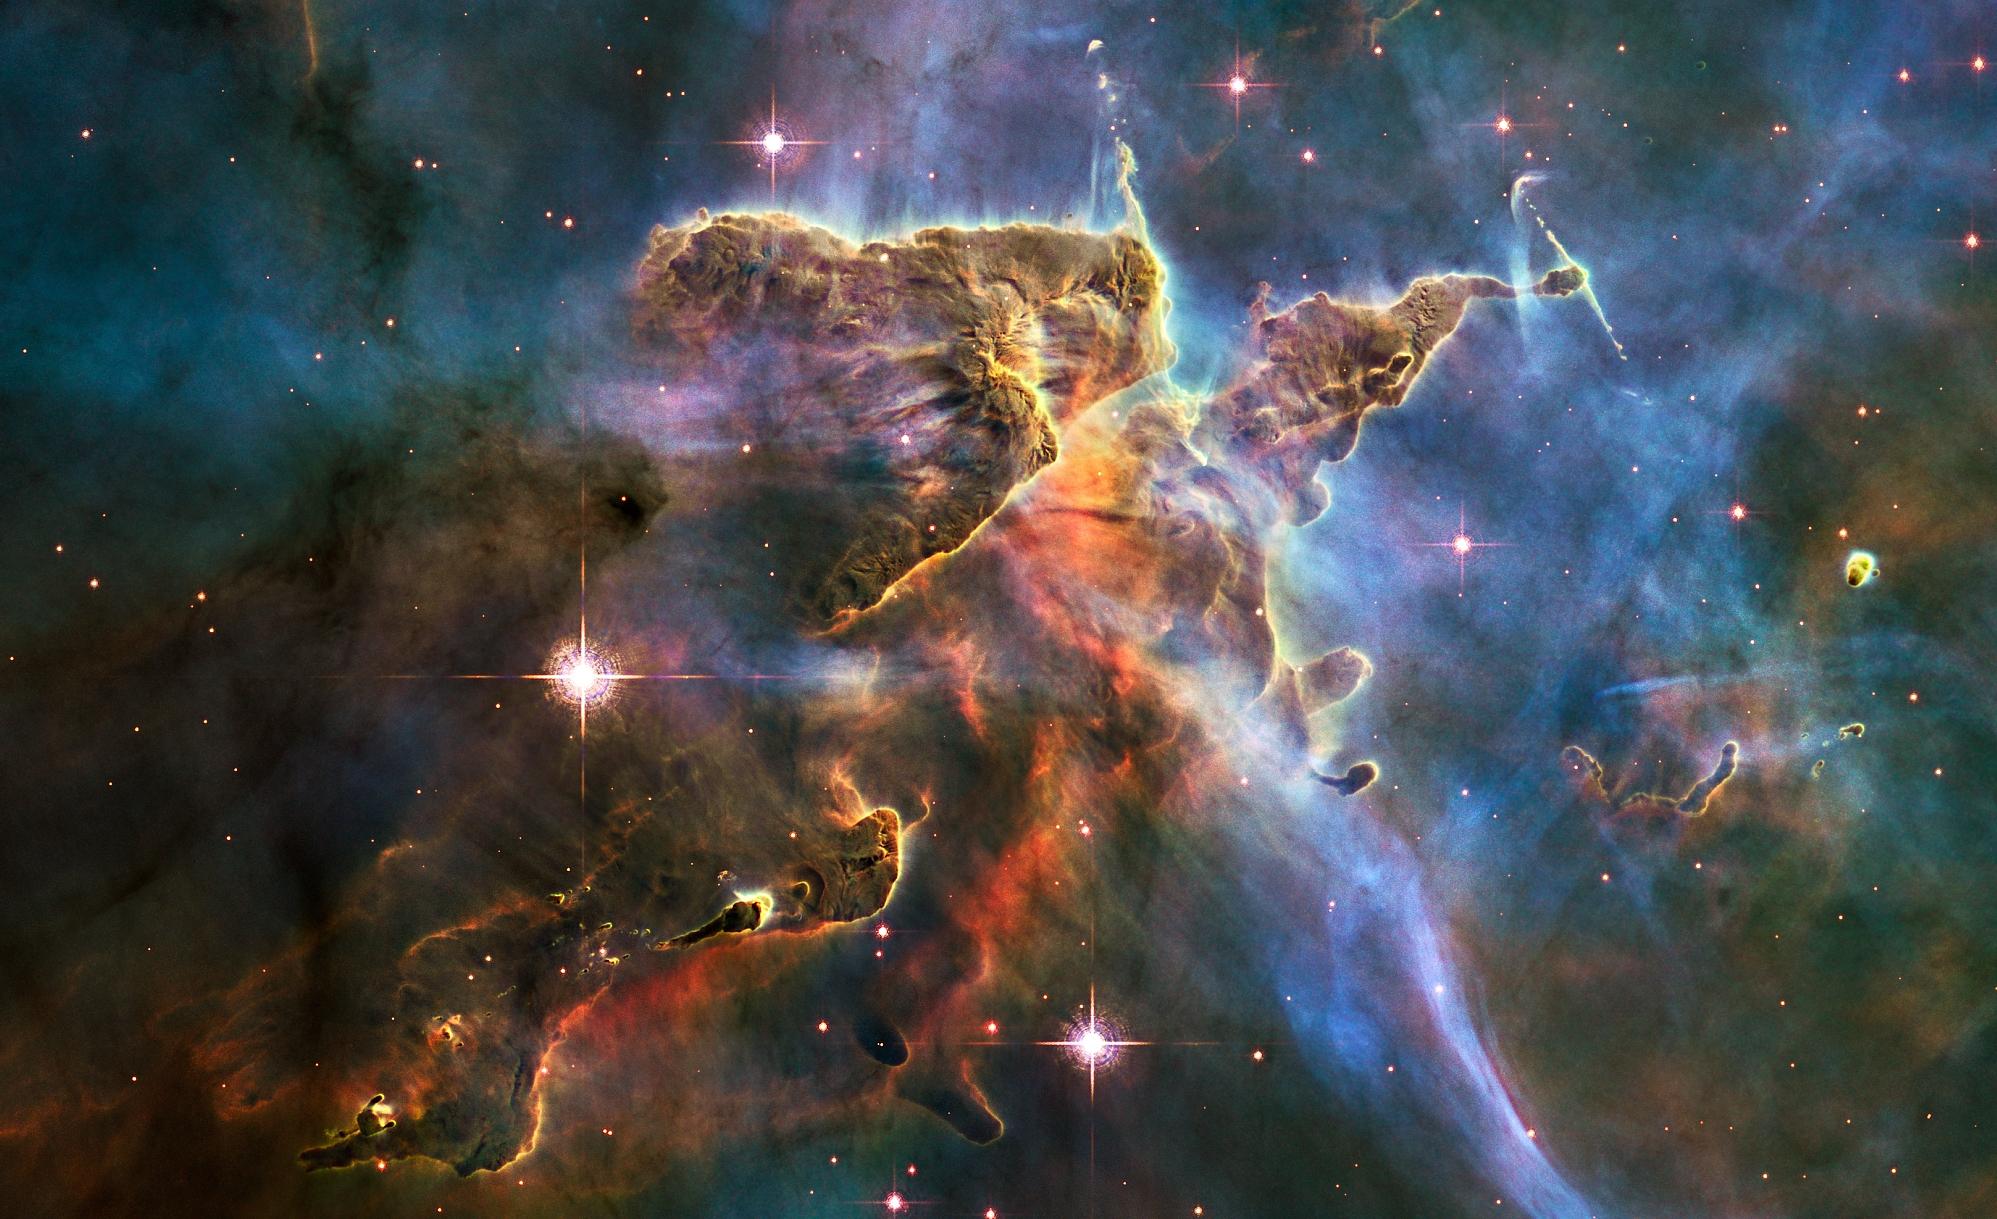 霍金说记得抬头仰望星辰! 送你最美的宇宙星空